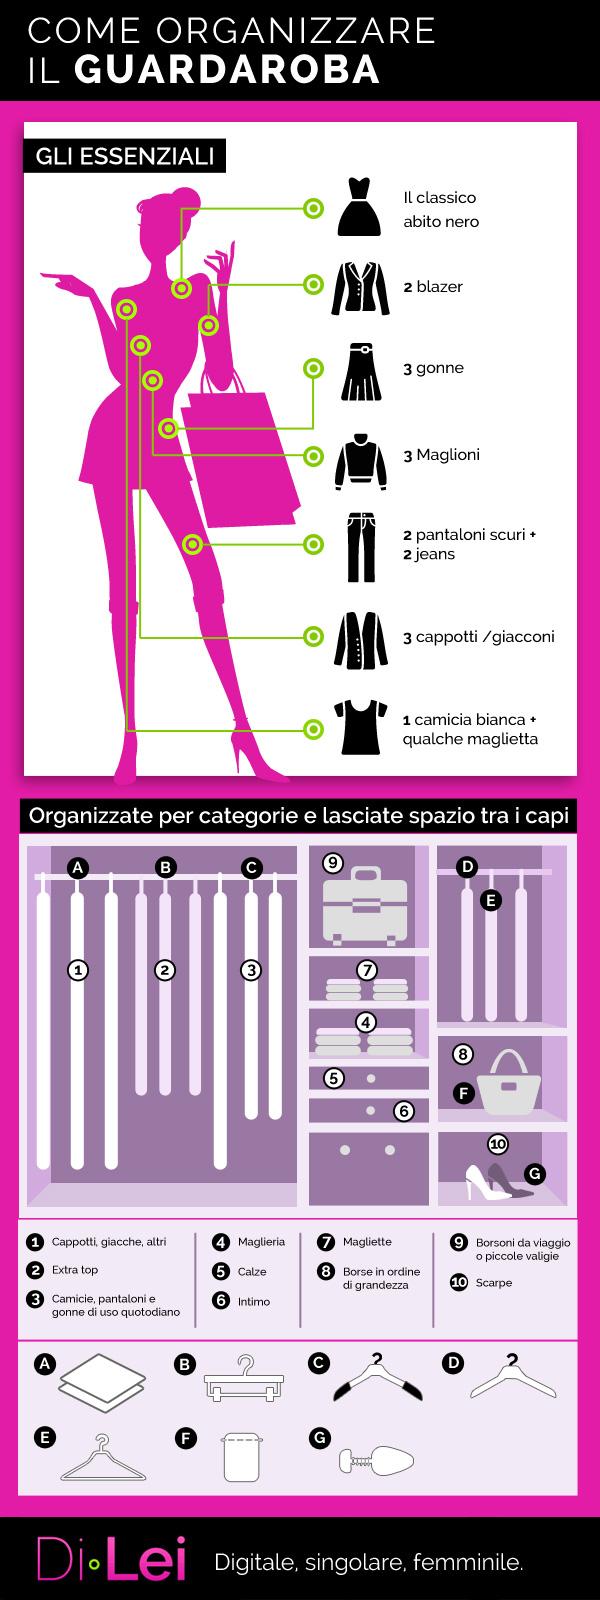 Come Ordinare Il Guardaroba.Come Organizzare Il Guardaroba L Infografica Dilei